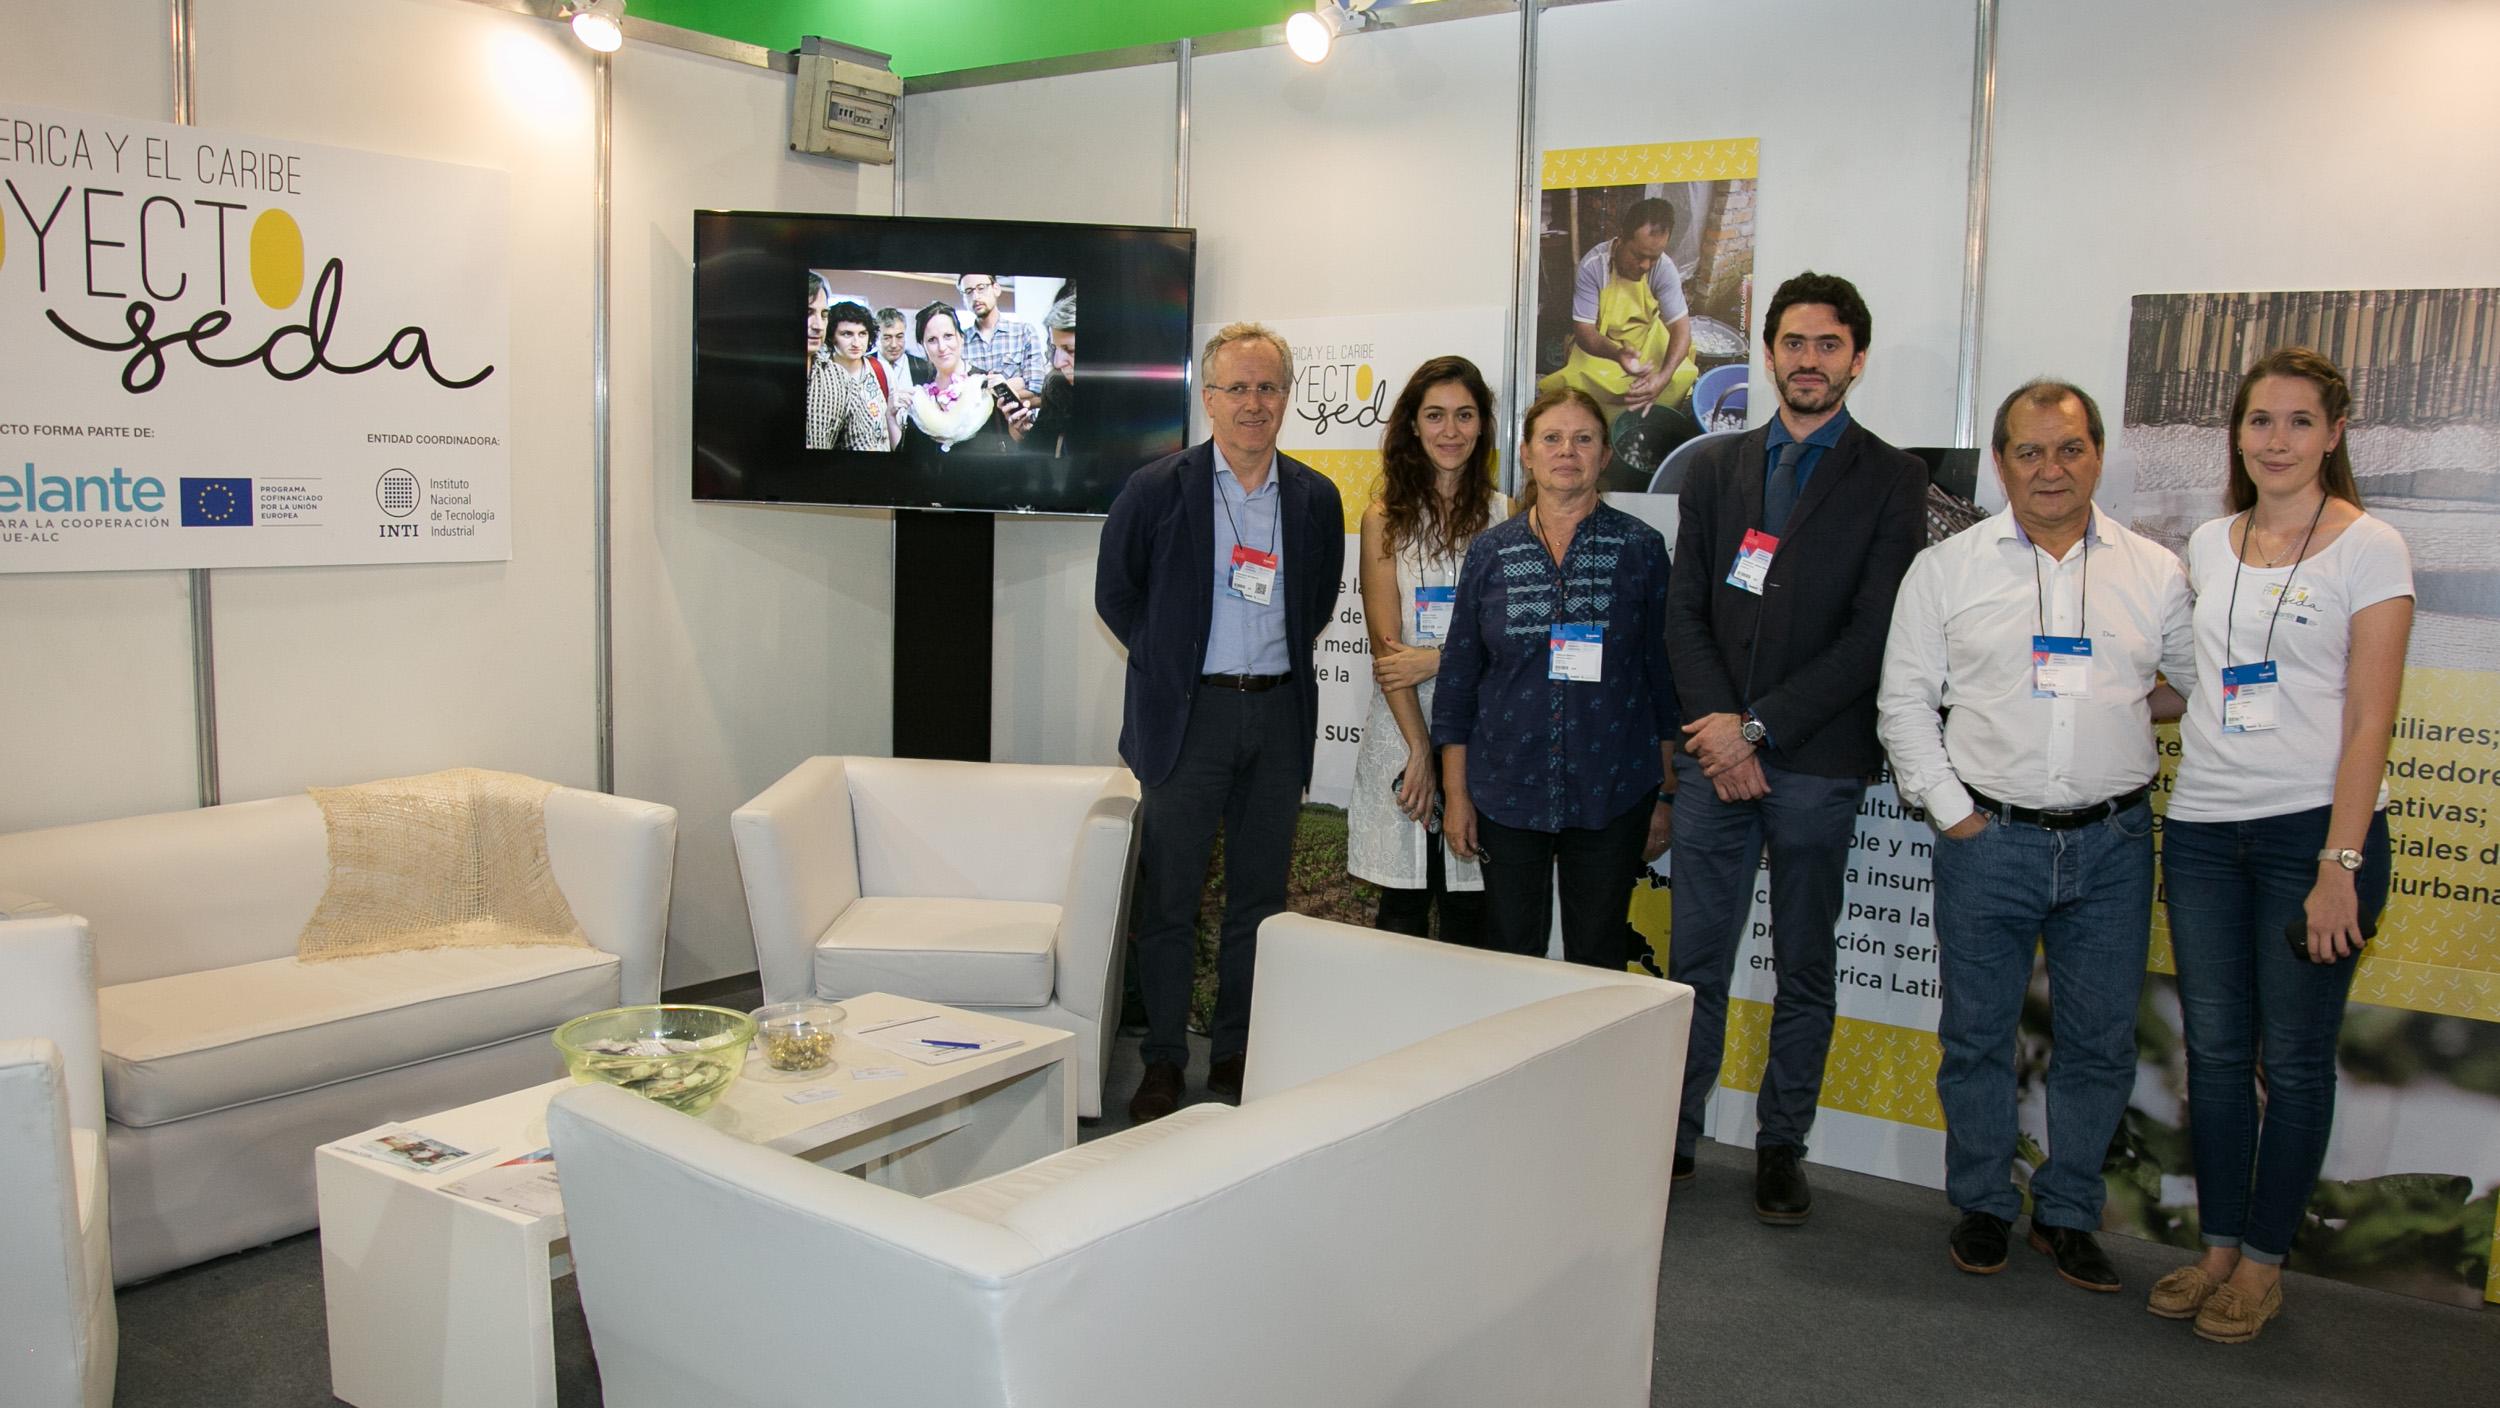 La coordinadora del Proyecto Seda, Ing. Patricia Marino, junto al equipo del Centro INTI-Textiles y los expertos de la Unión Europea.